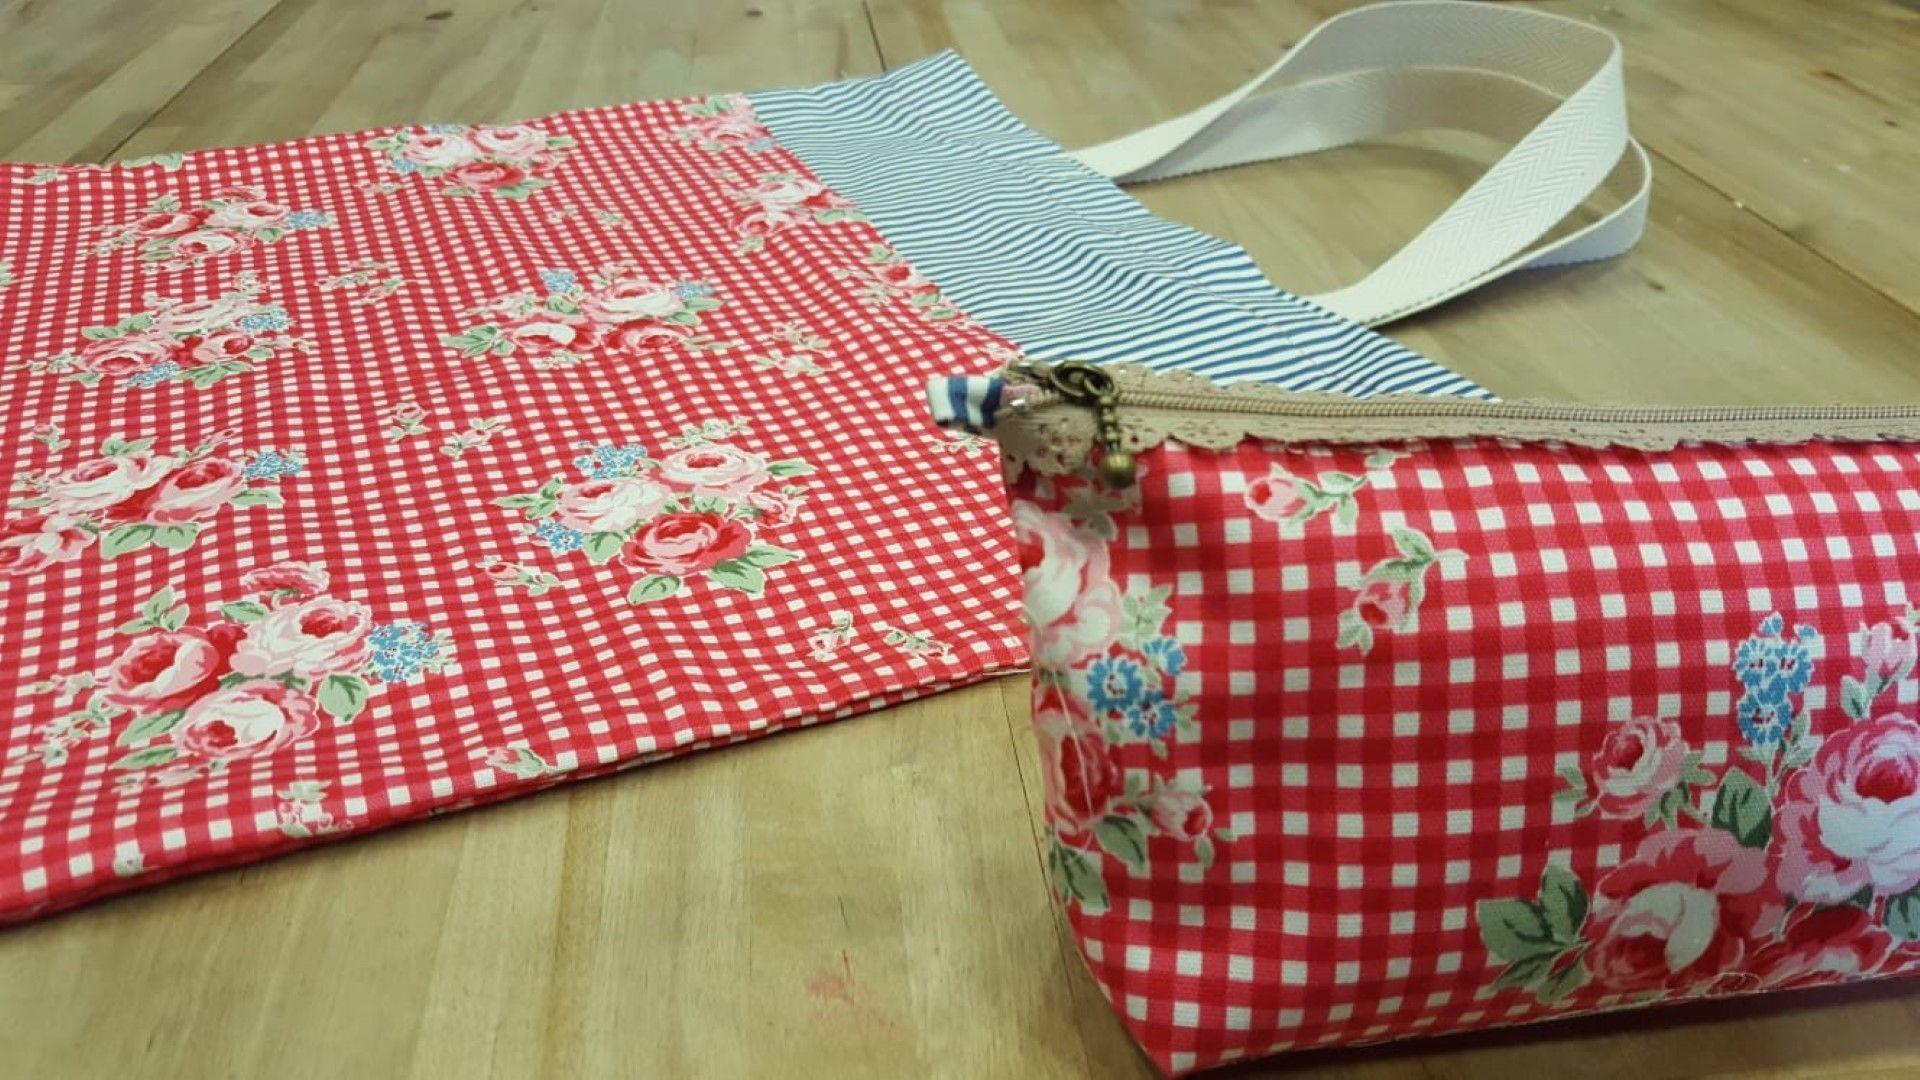 Taller de iniciaci n a la m quina de coser en zaragoza for Maquinas de coser zaragoza